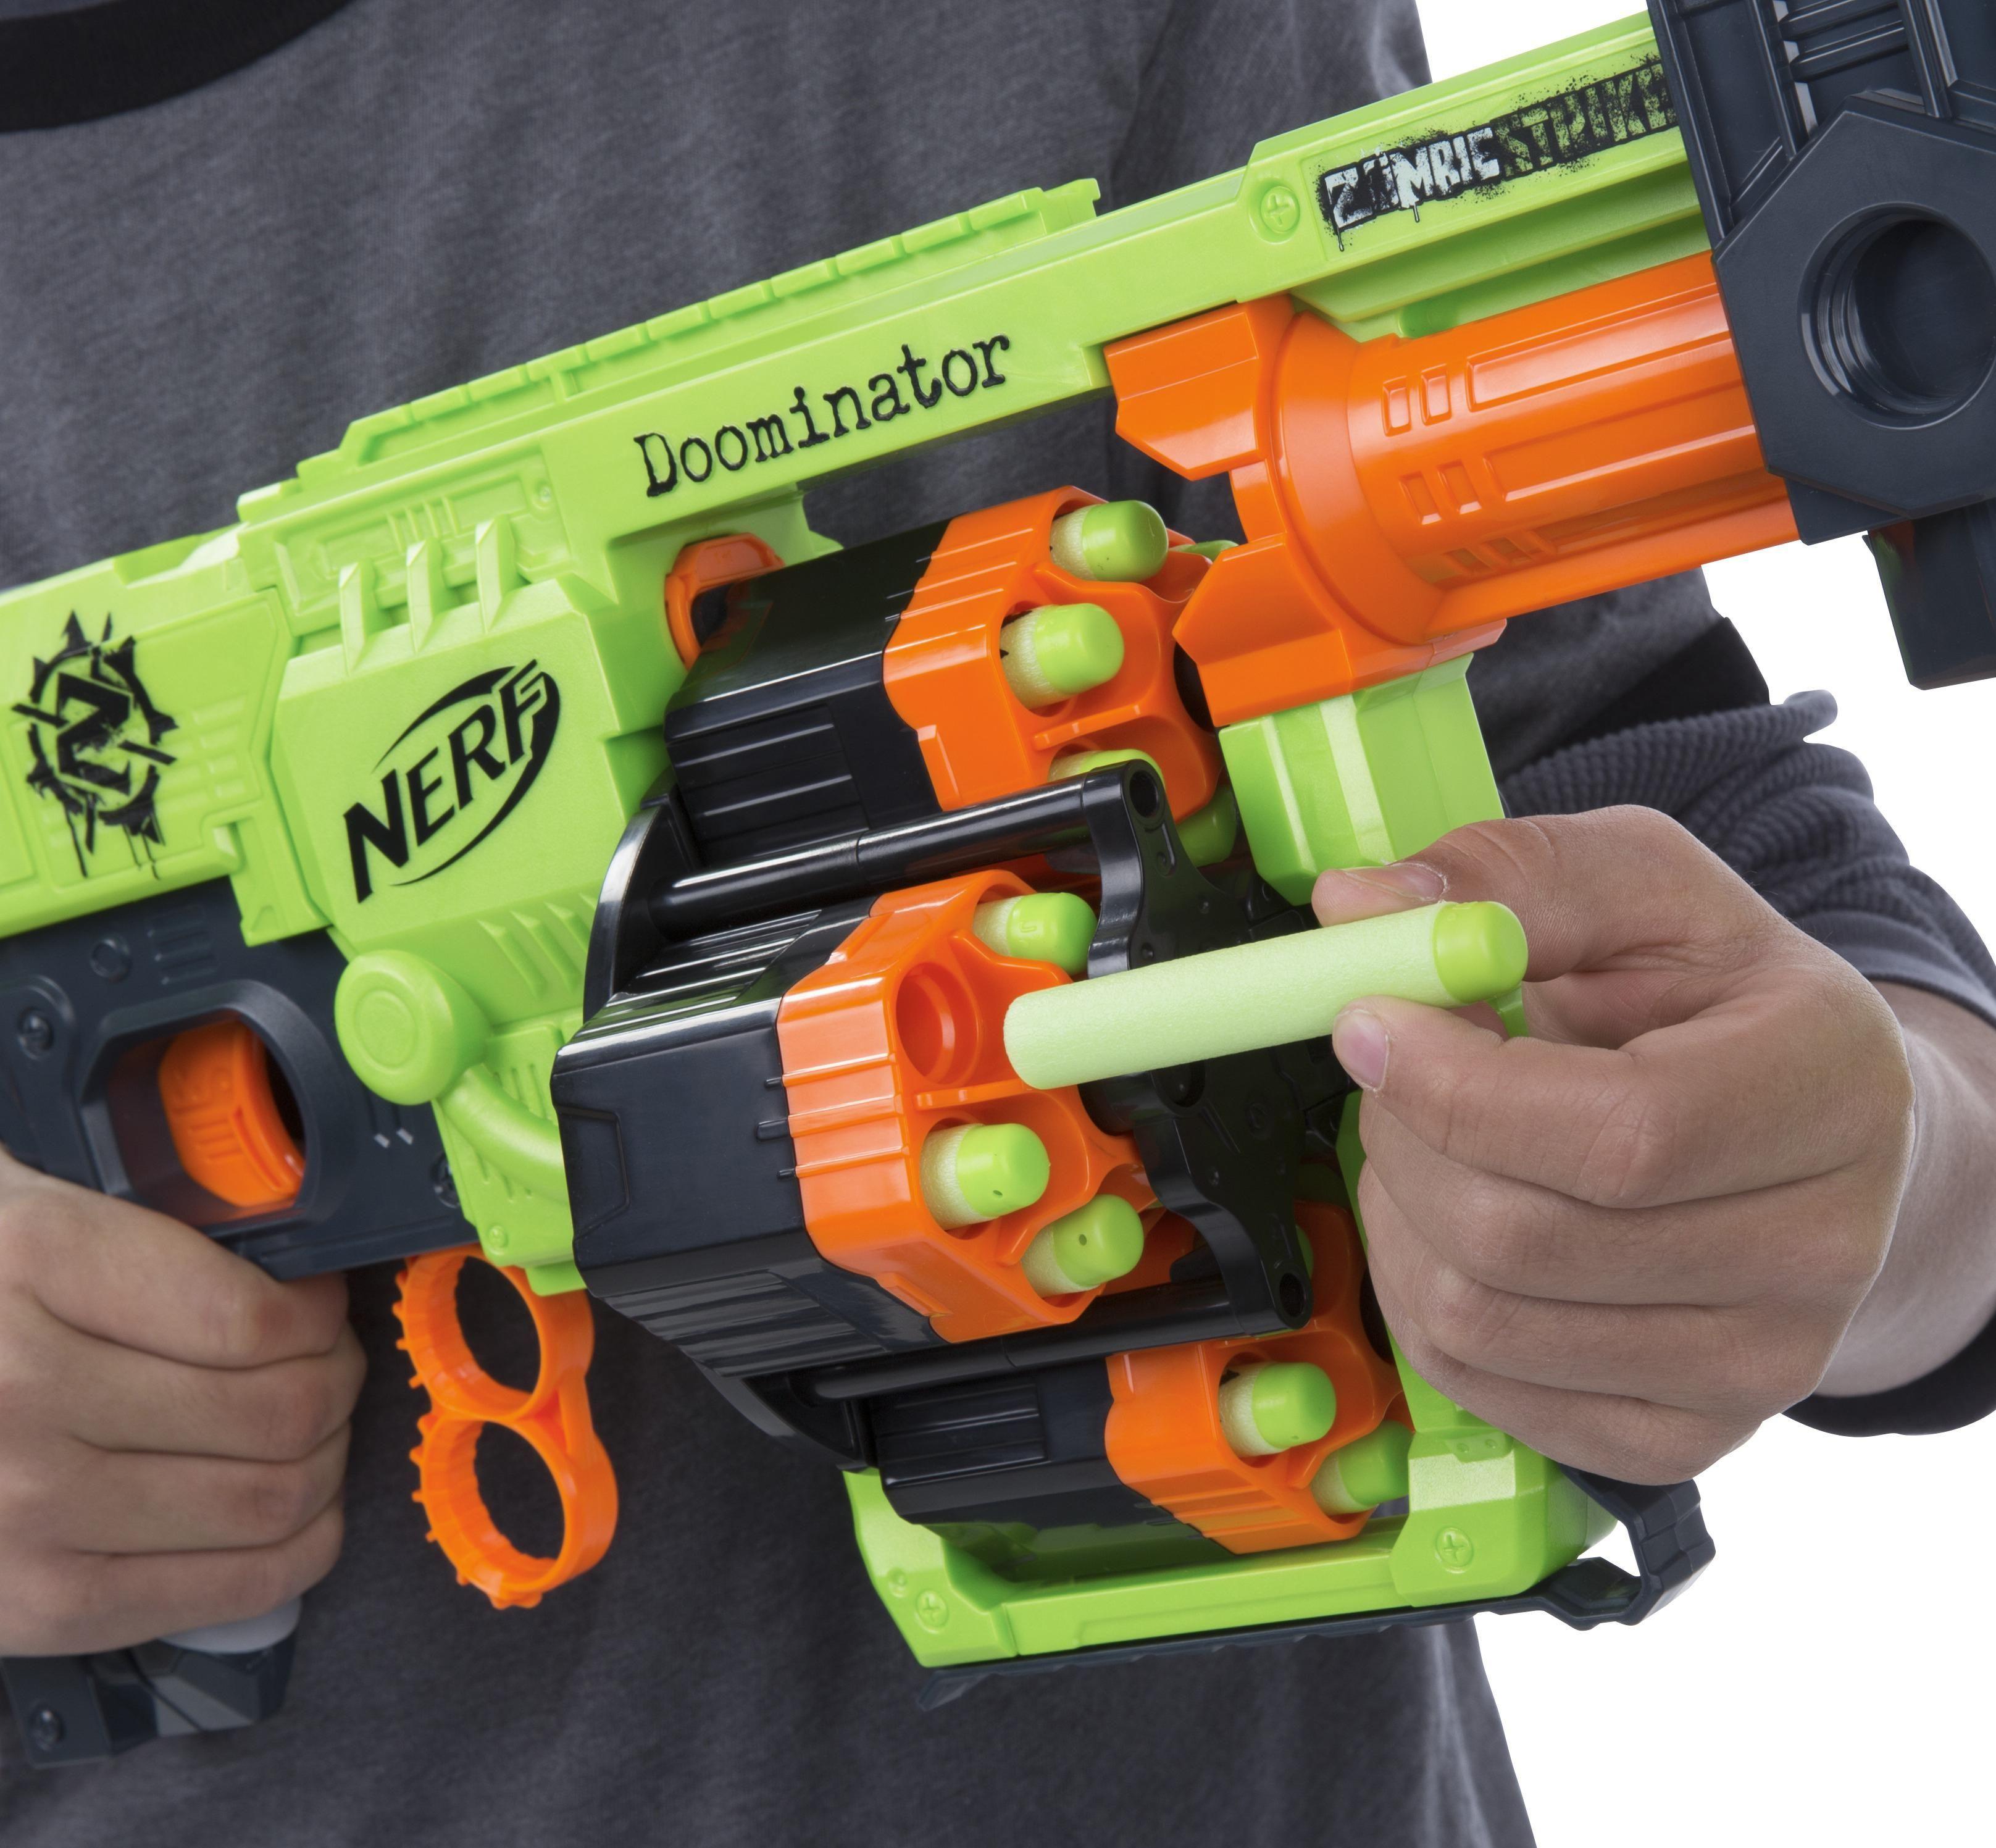 Endlich eine Nerf Gun zum Zombies erledigen